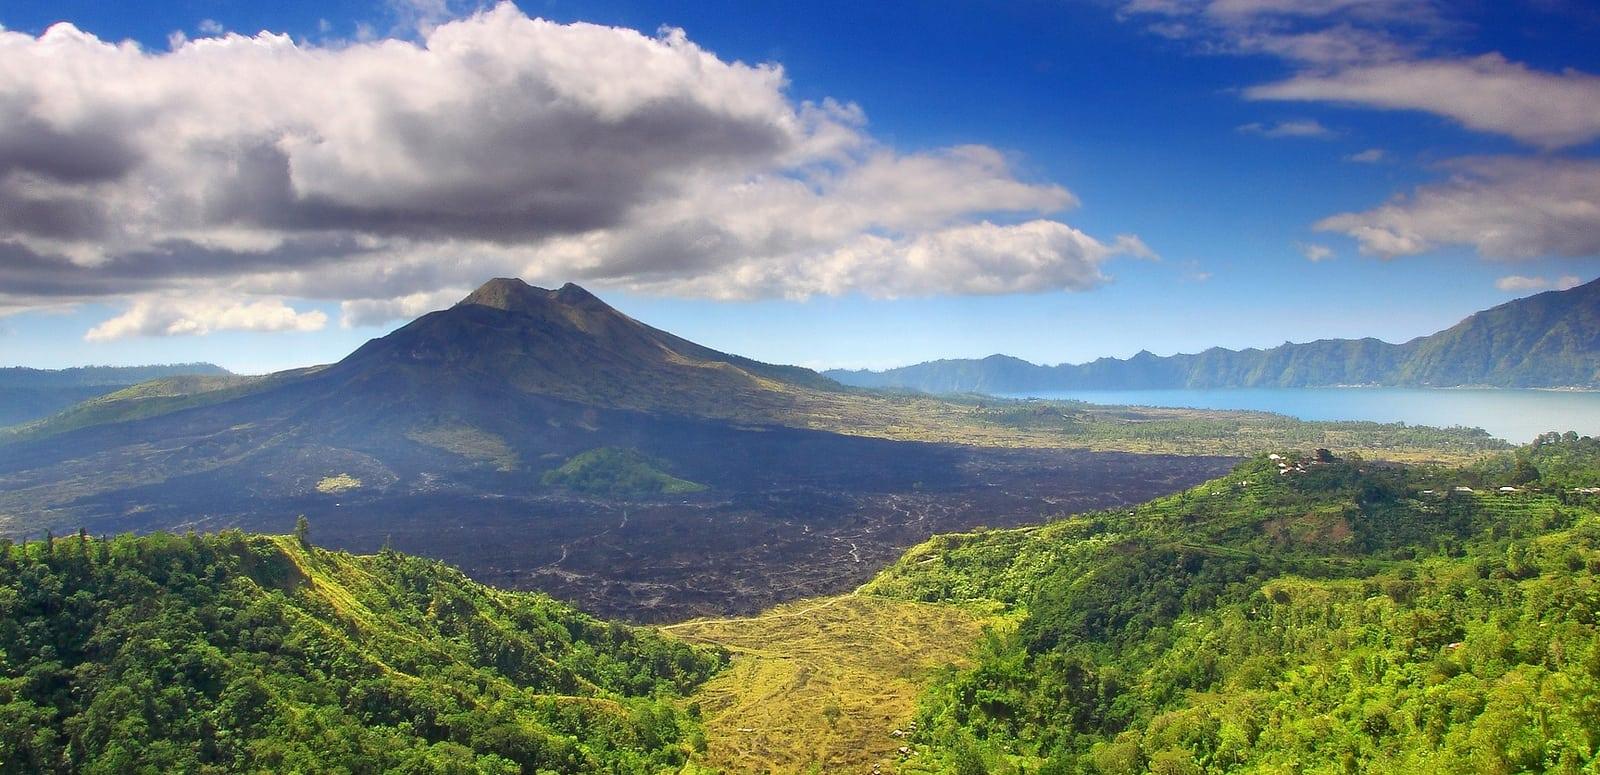 Nikmati Pemandangan Gunung dan Danau Batur Yang Menakjubkan